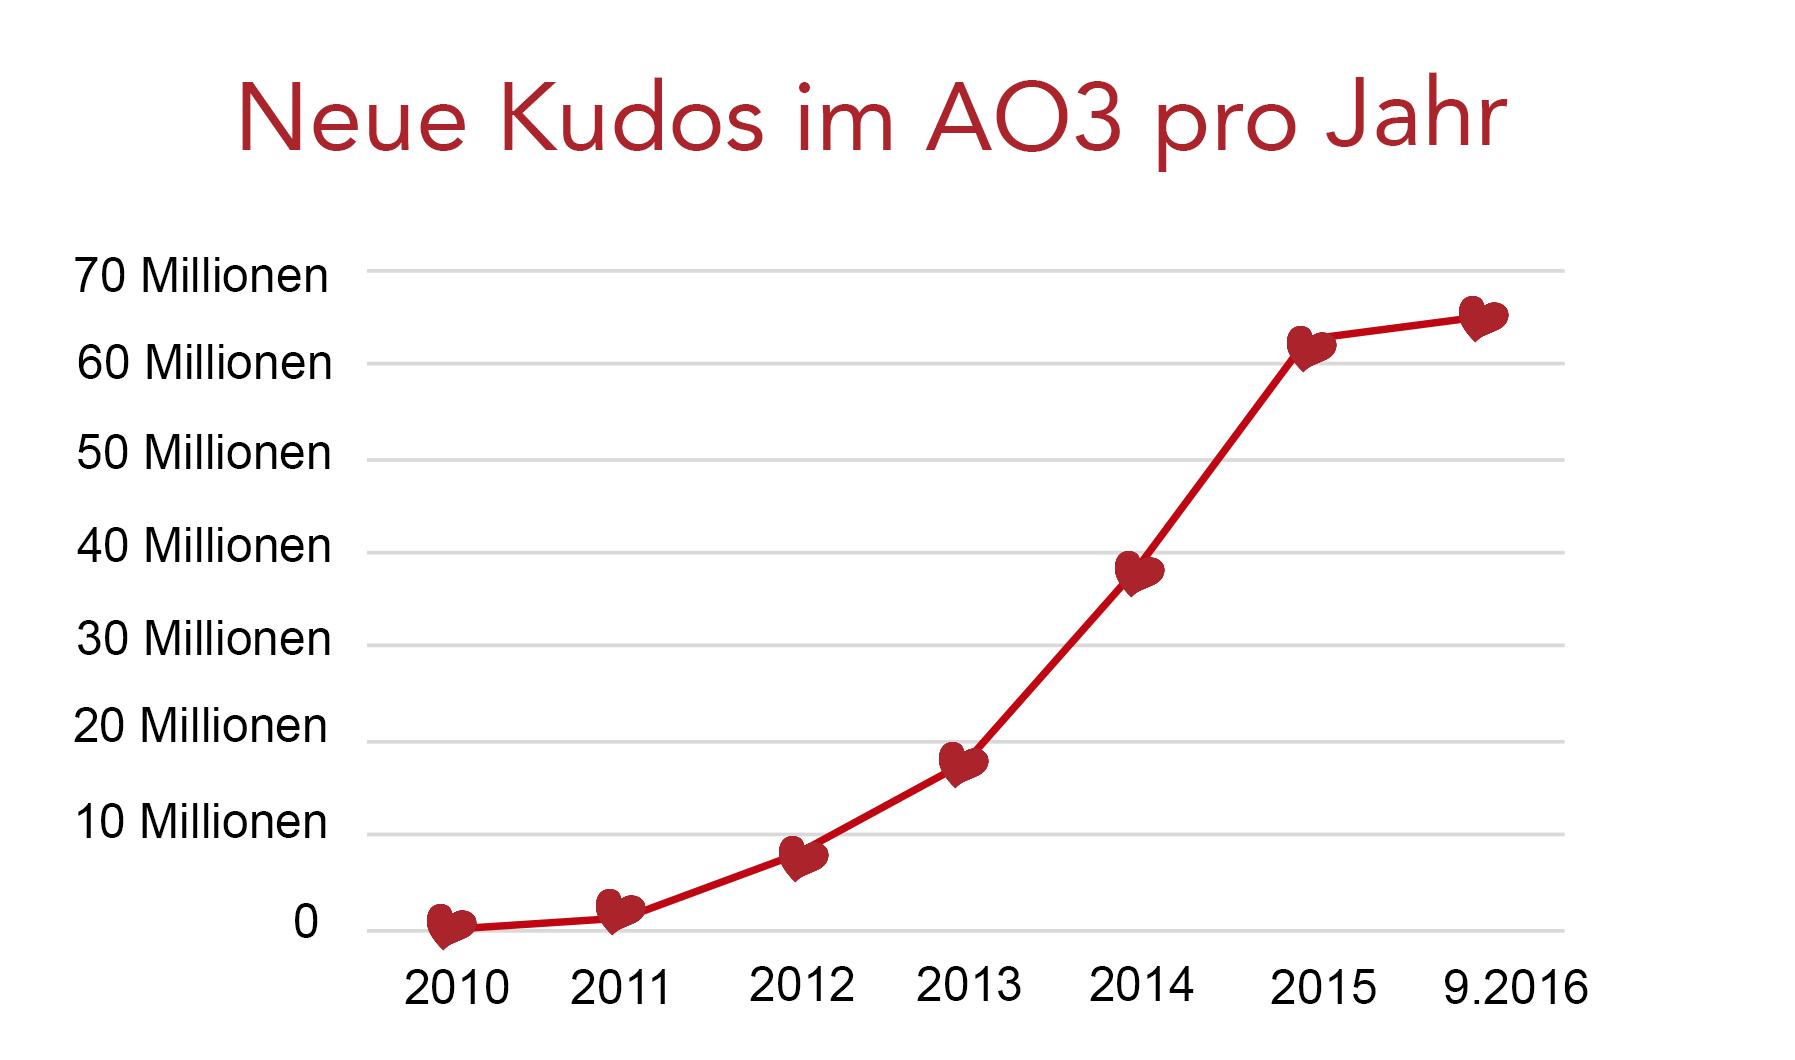 Wachstumskurve der AO3-Kudos, von Null im Jahr 2010 auf über 60 Millionen im Septermber 2016.